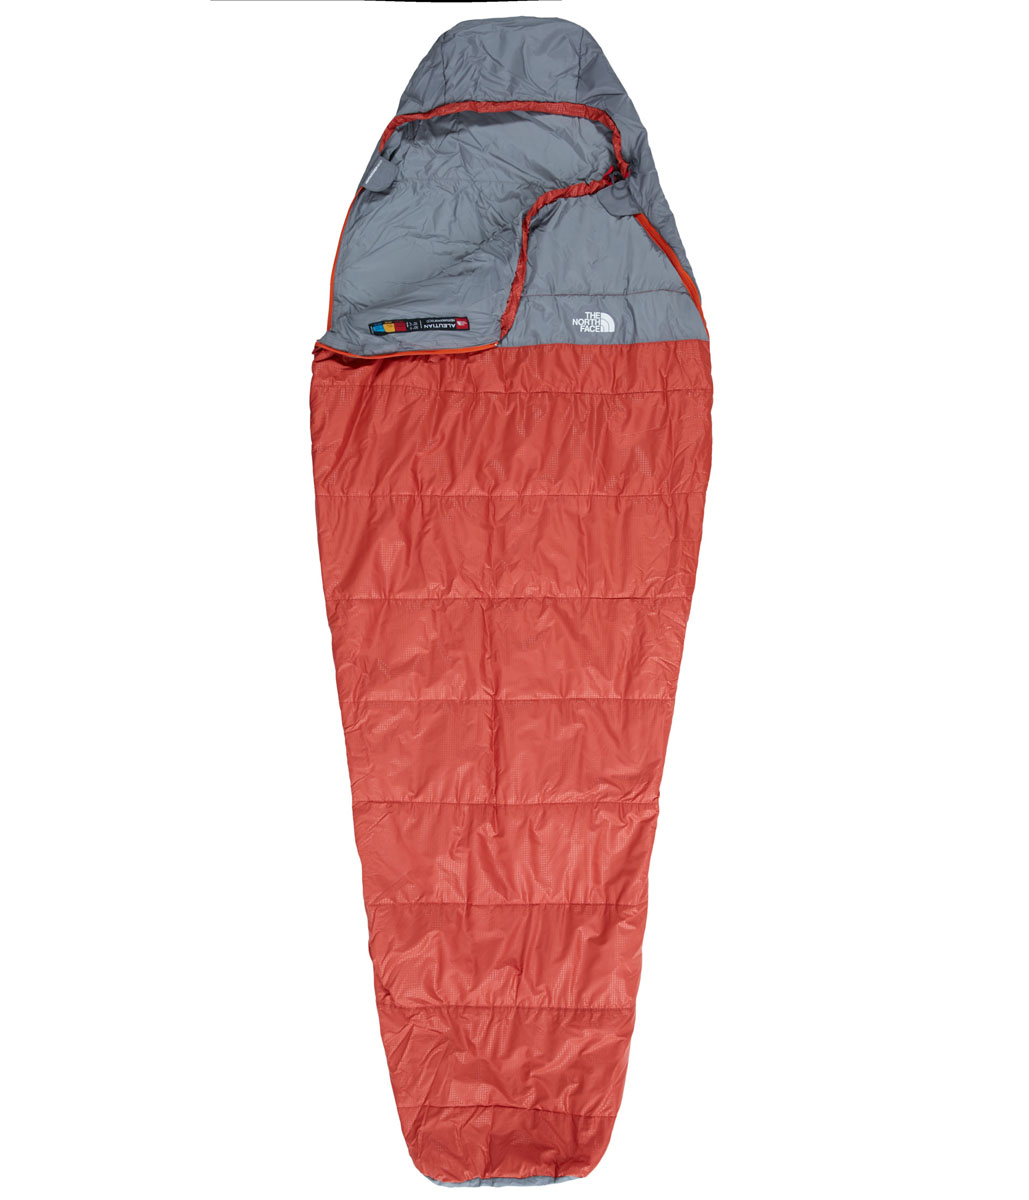 Спальный мешок The North Face Aleutian 50/10, цвет: красный. T0A3A8M1RRH REGT0A3A8M1RRH REGСпальный мешок The North Face Aleutian 50/10 вместительный, универсальный, теплый, комфортный и при этом практичный.Это спальный мешок для прохладной погоды, который можно целиком расстегнуть и расстелить в качестве пола в палатке.Для удобной транспортировки мешок упакован в чехол.Что взять с собой в поход?. Статья OZON Гид